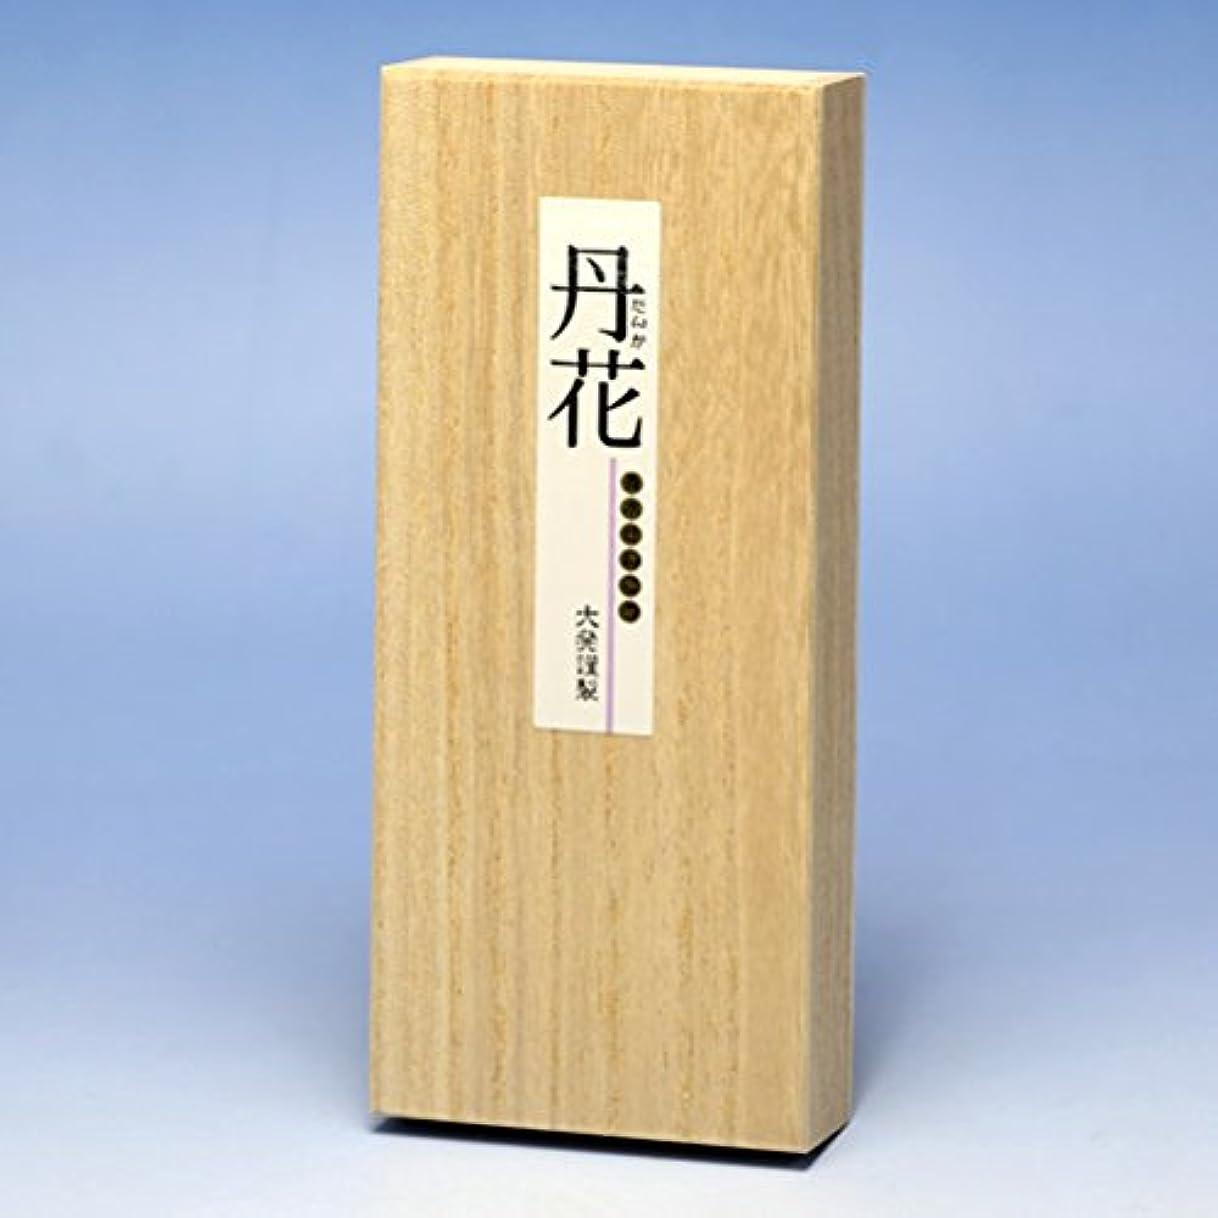 丹花三色 桐箱 T-5 20本×3種類 大発